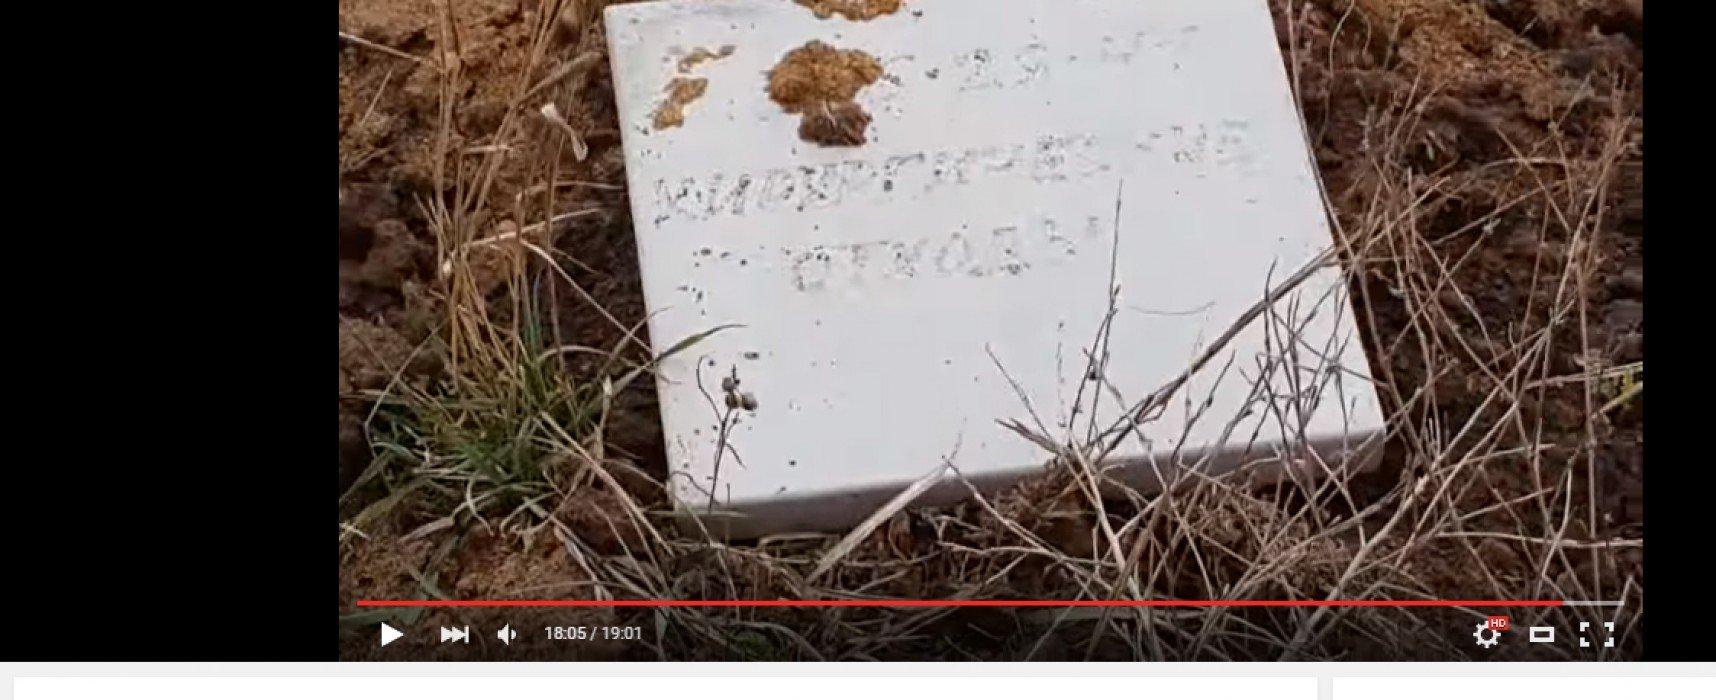 СМИ вновь подняли тему «секретного одесского кладбища бойцов АТО»